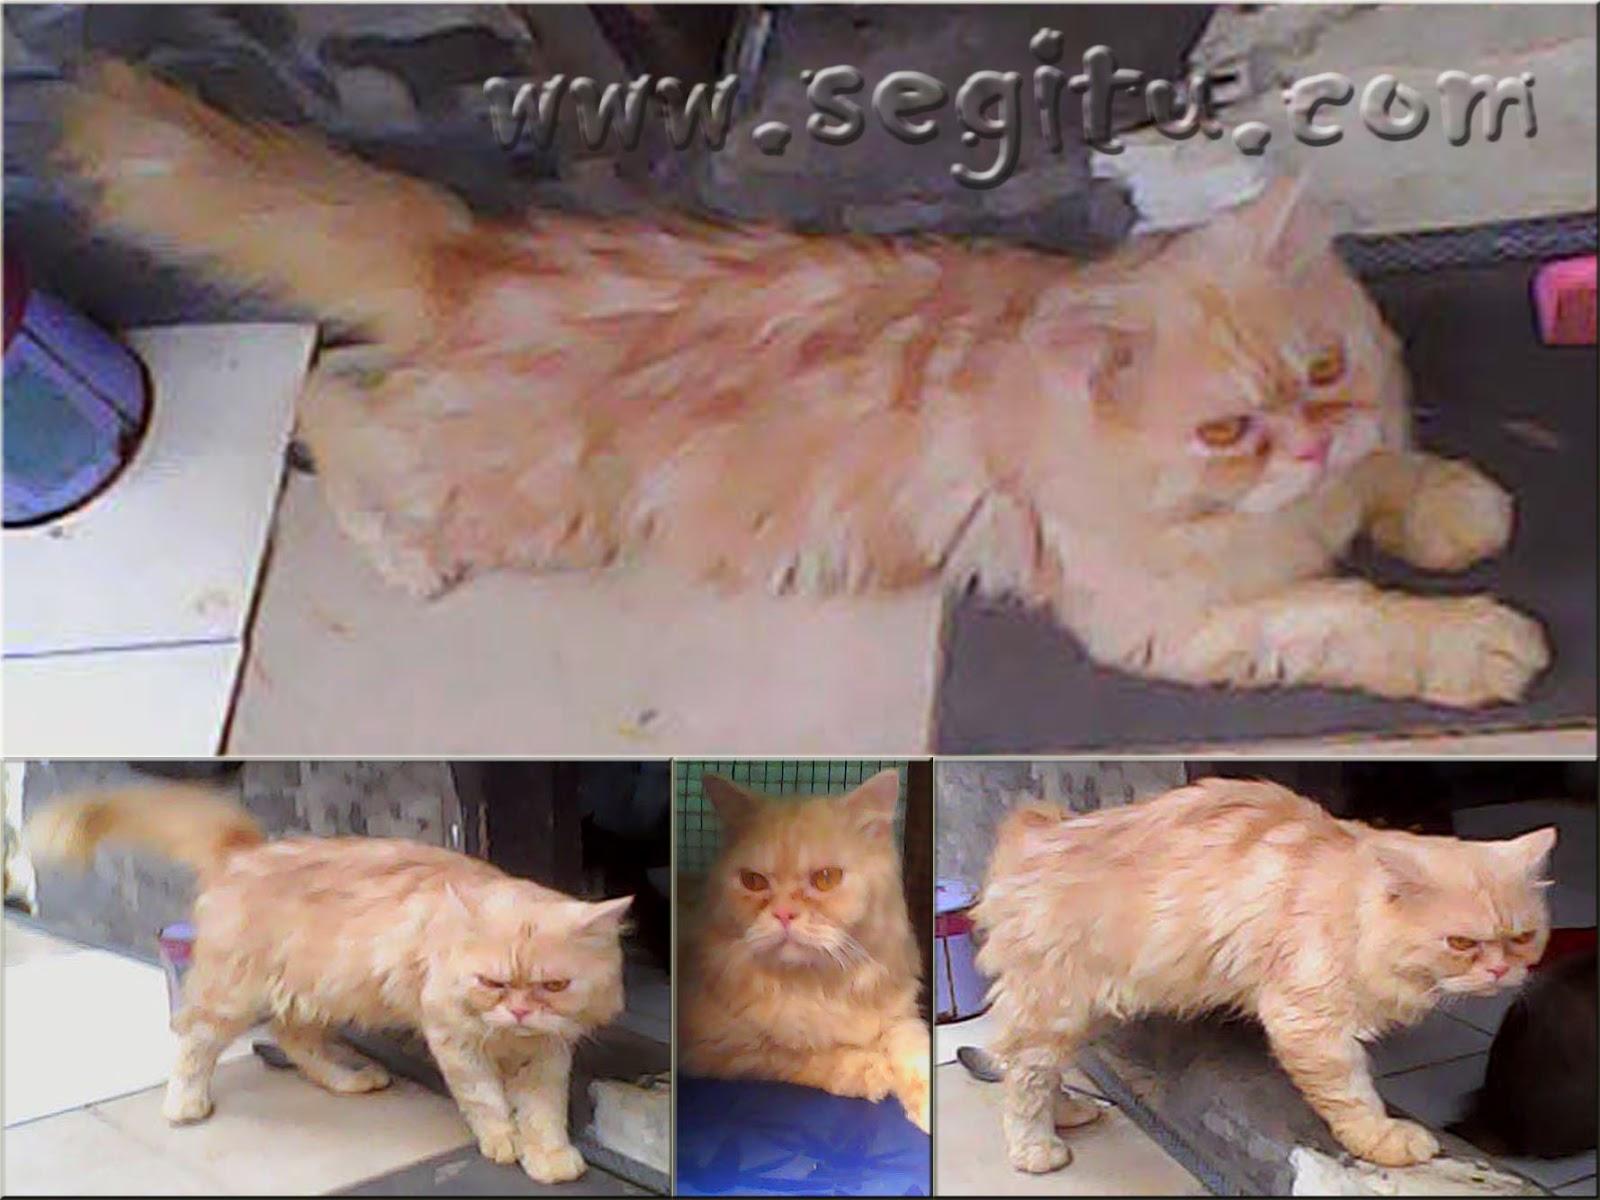 Harga Kucing Persia Segitu Petshop